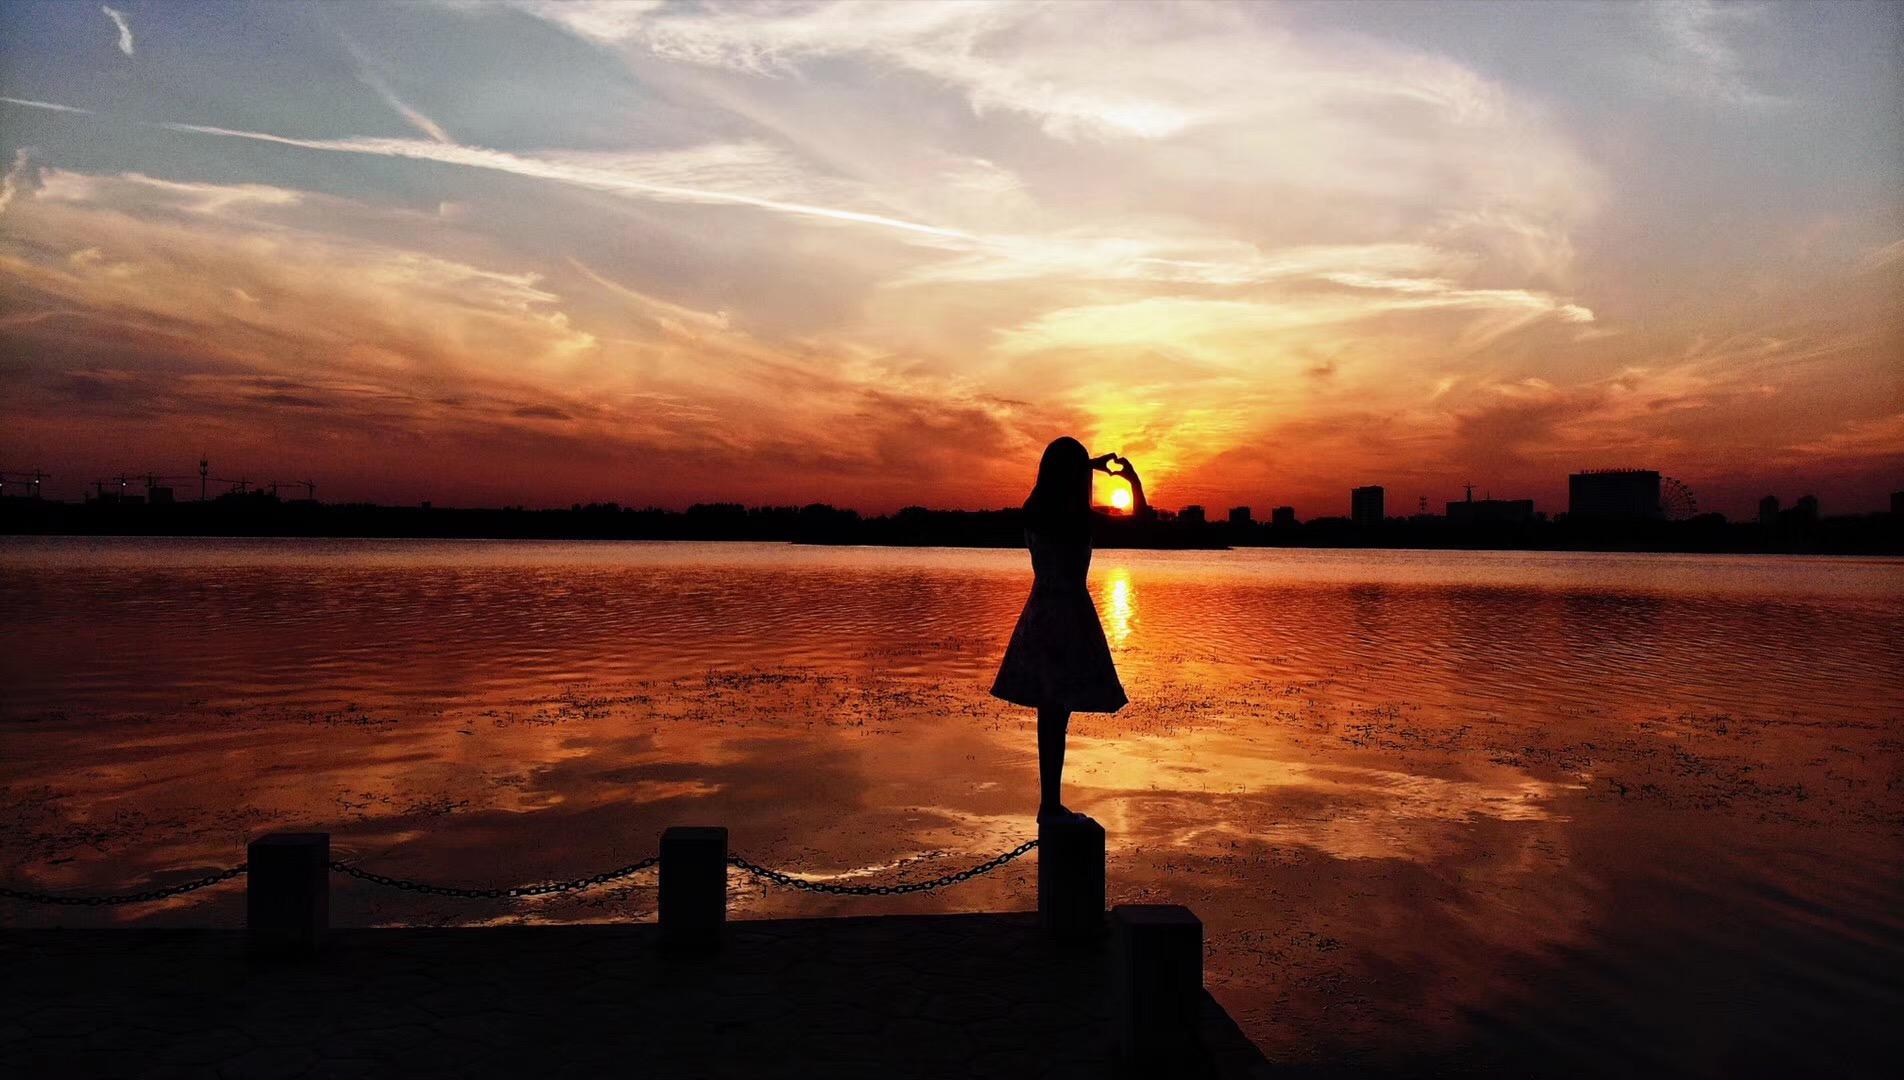 夕阳·晚风